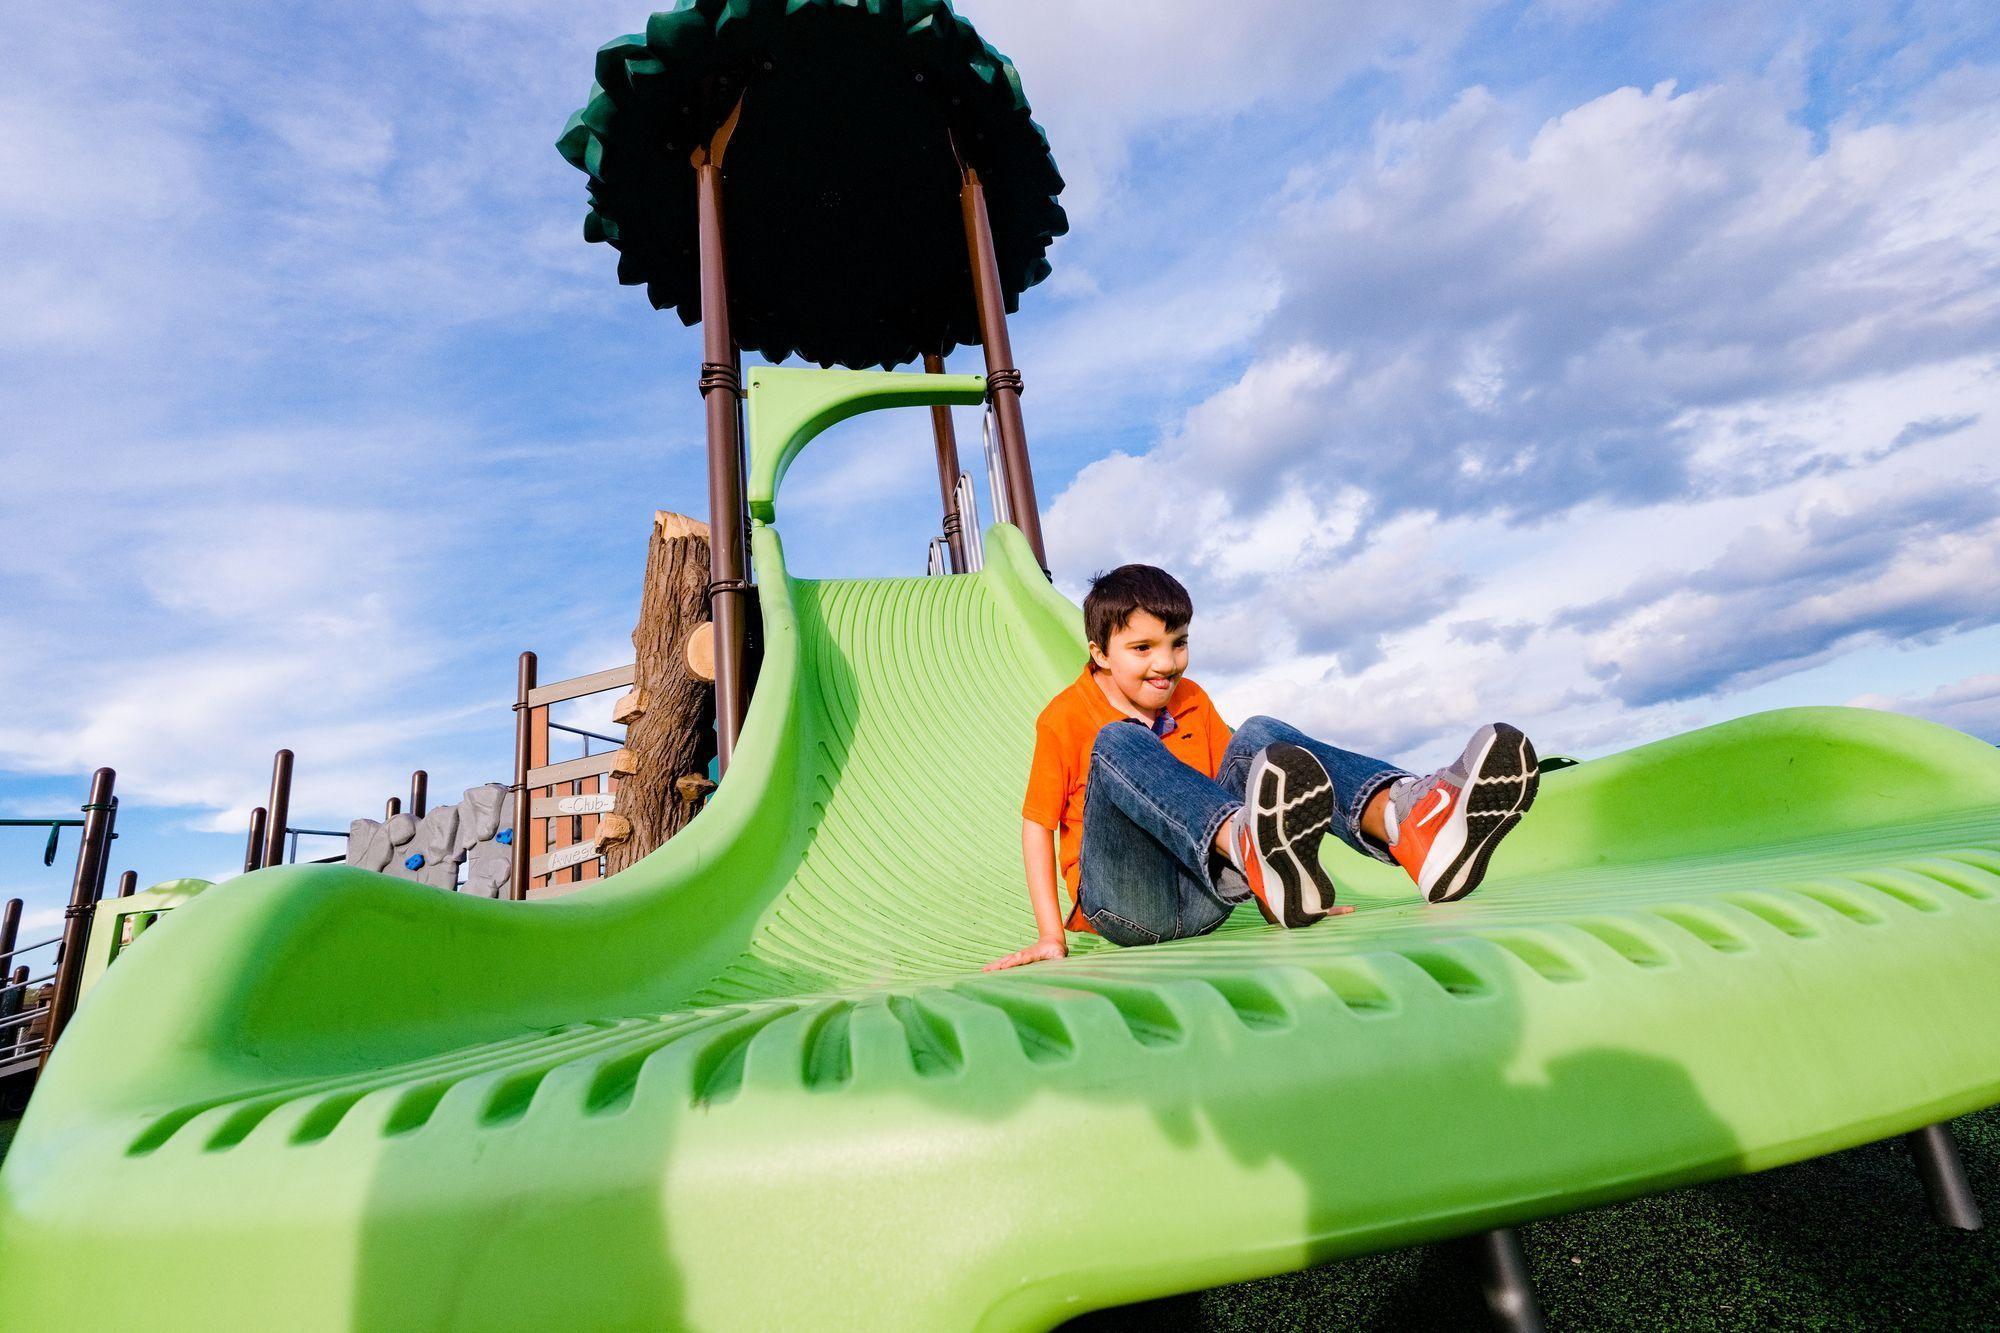 Boy on wide green playground slide